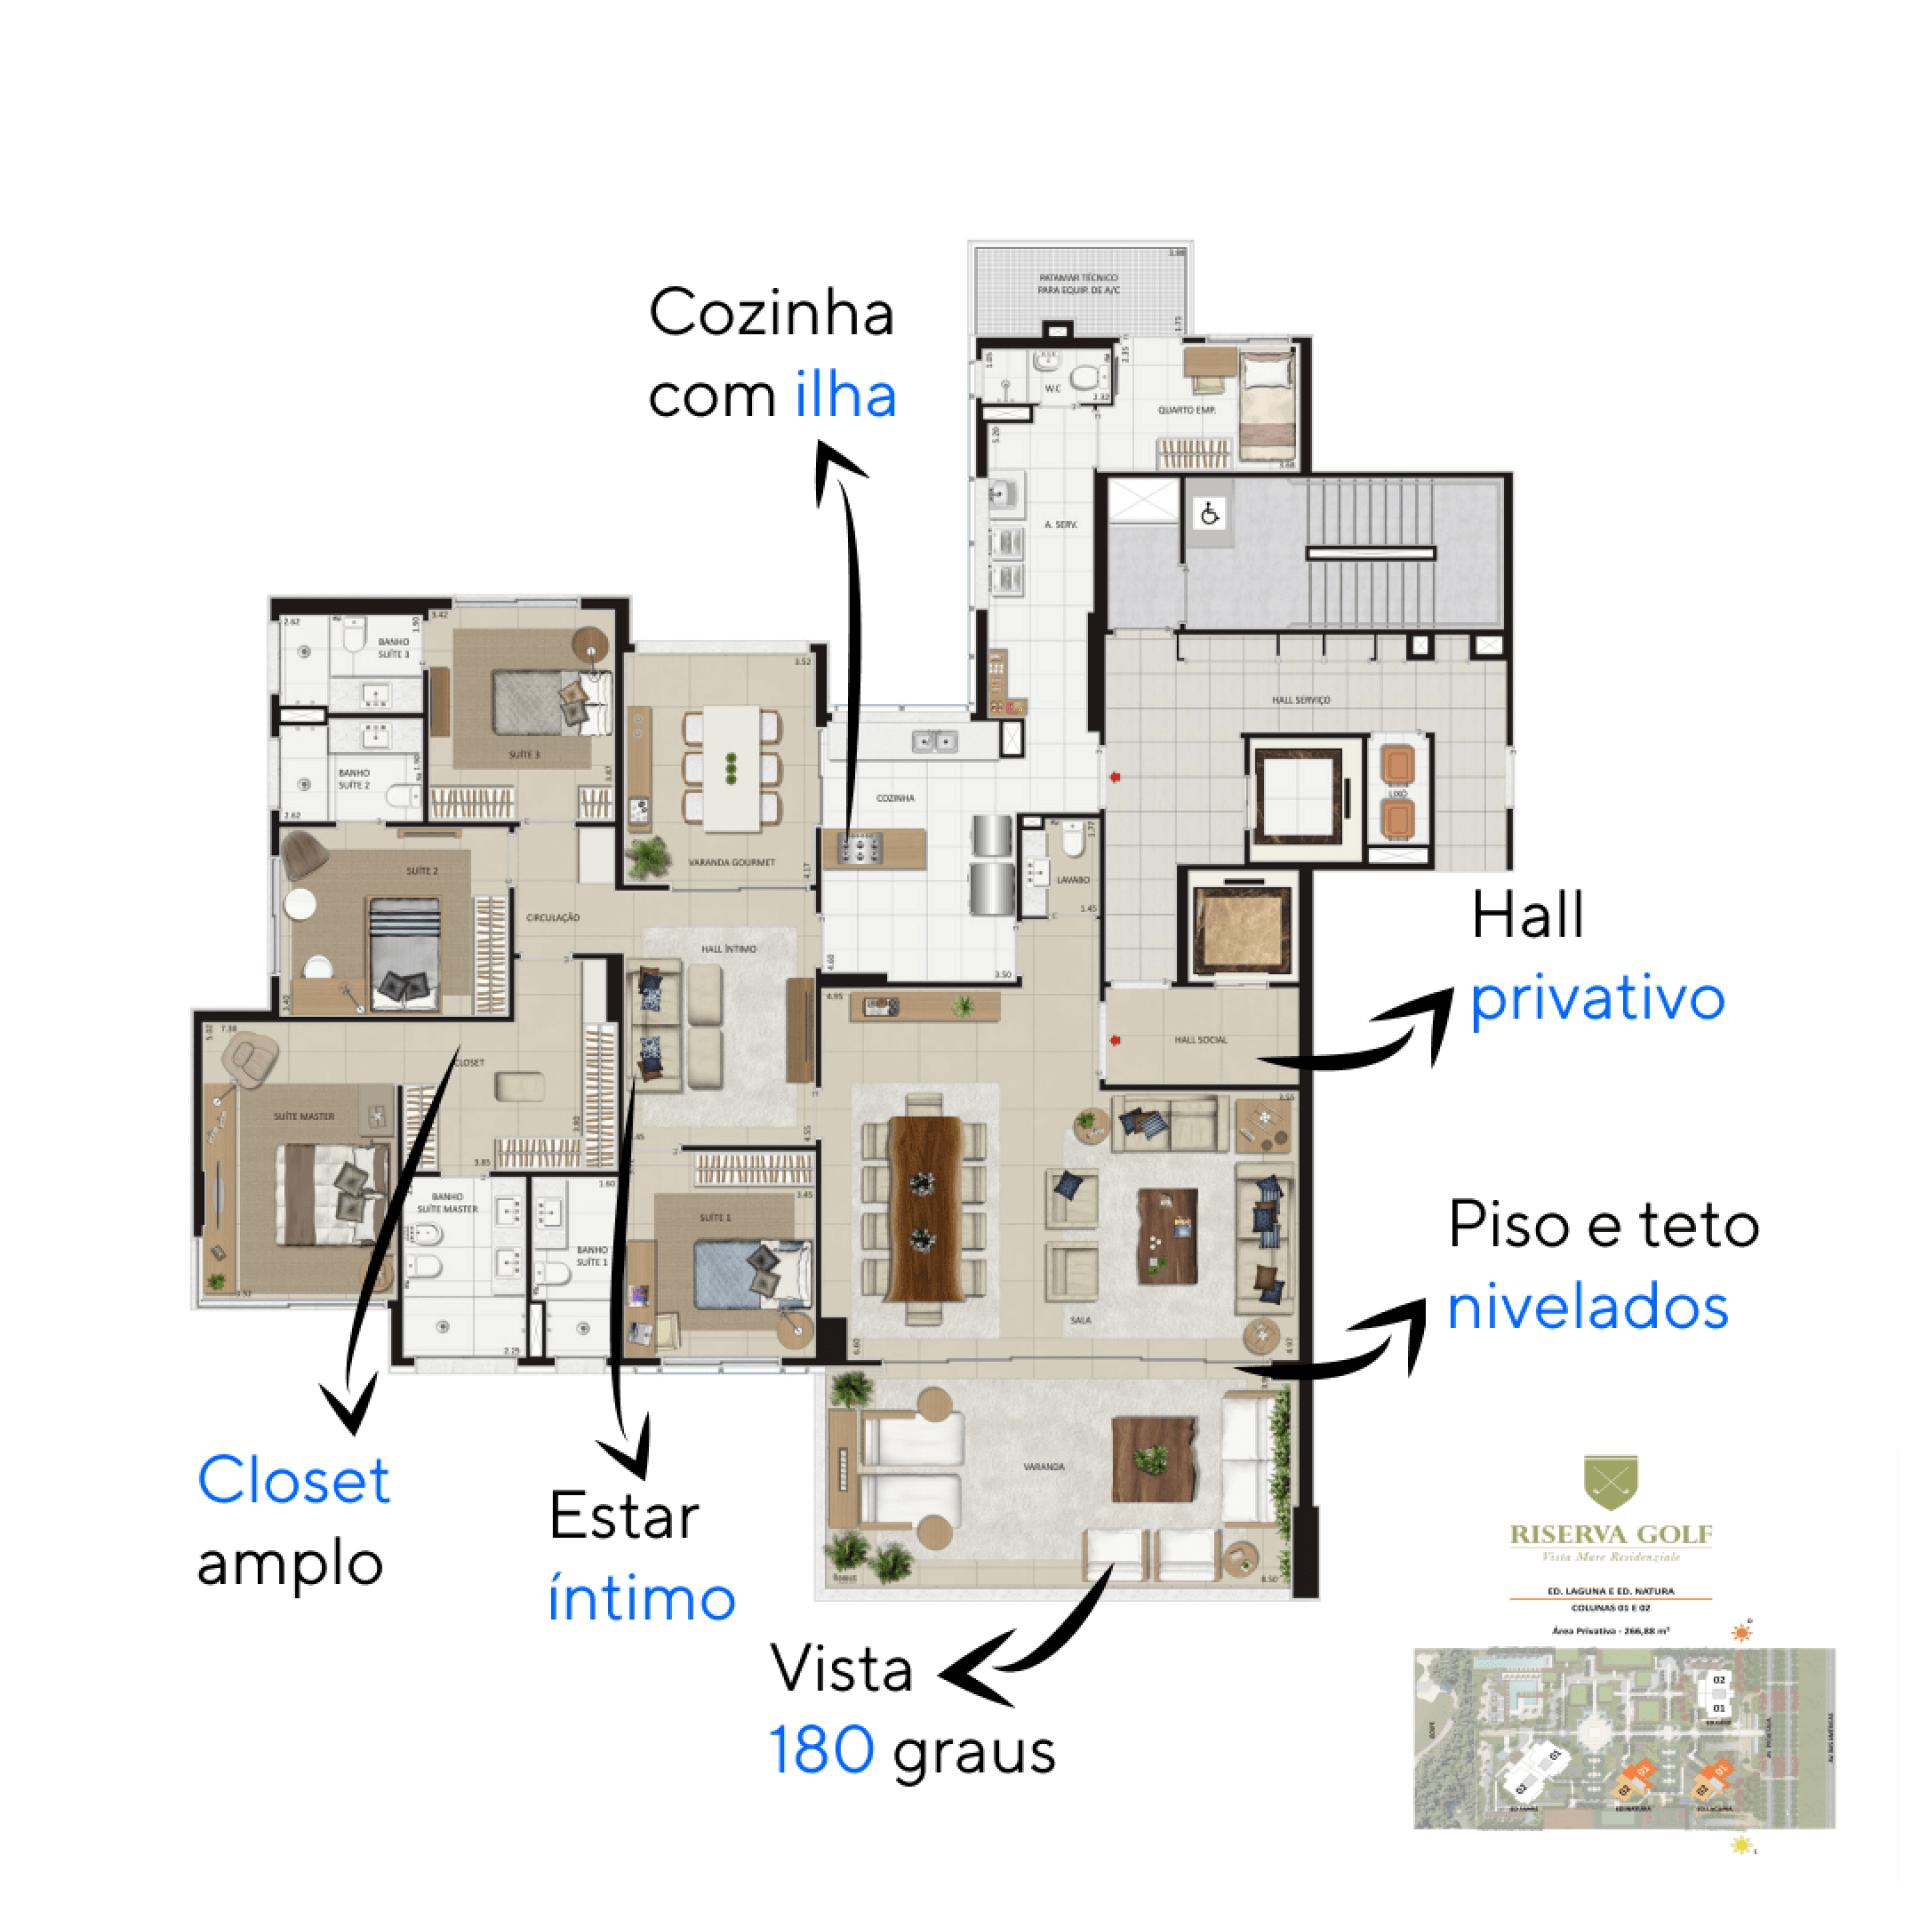 266 M² - 4 SUÍTES. Apartamentos do Riserva Golf Vista Mare Residenziale com espaços privativos, a configuração do hall íntimo como sala de estar e da varanda gourmet como sala de jantar, cria ambientes exclusivos para aproveitar os momentos em família.